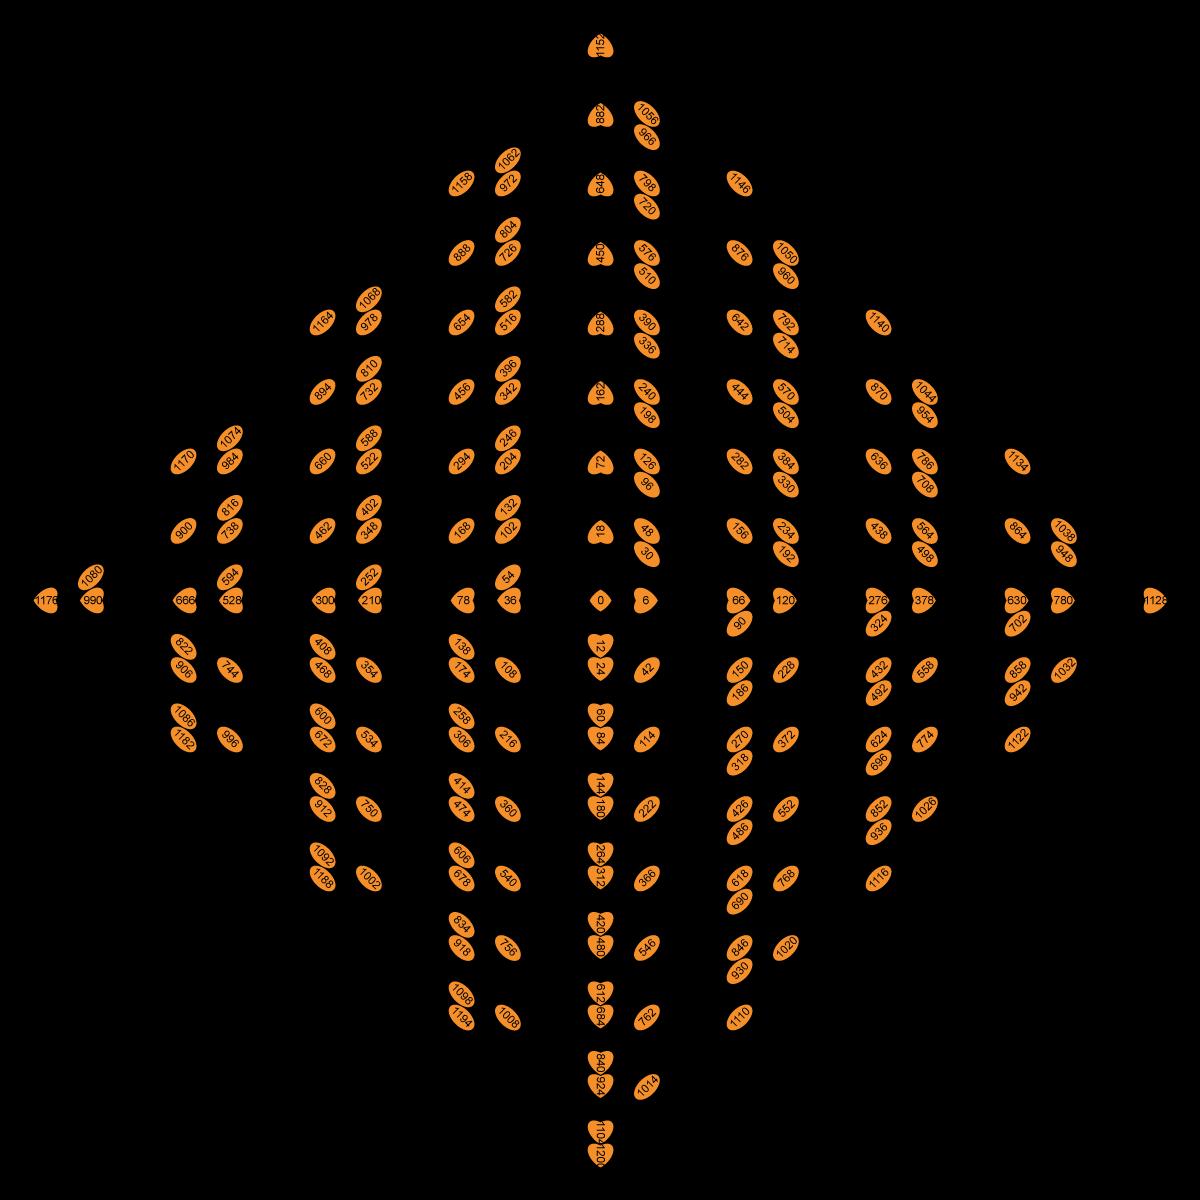 tetragonal-spiral-layer1